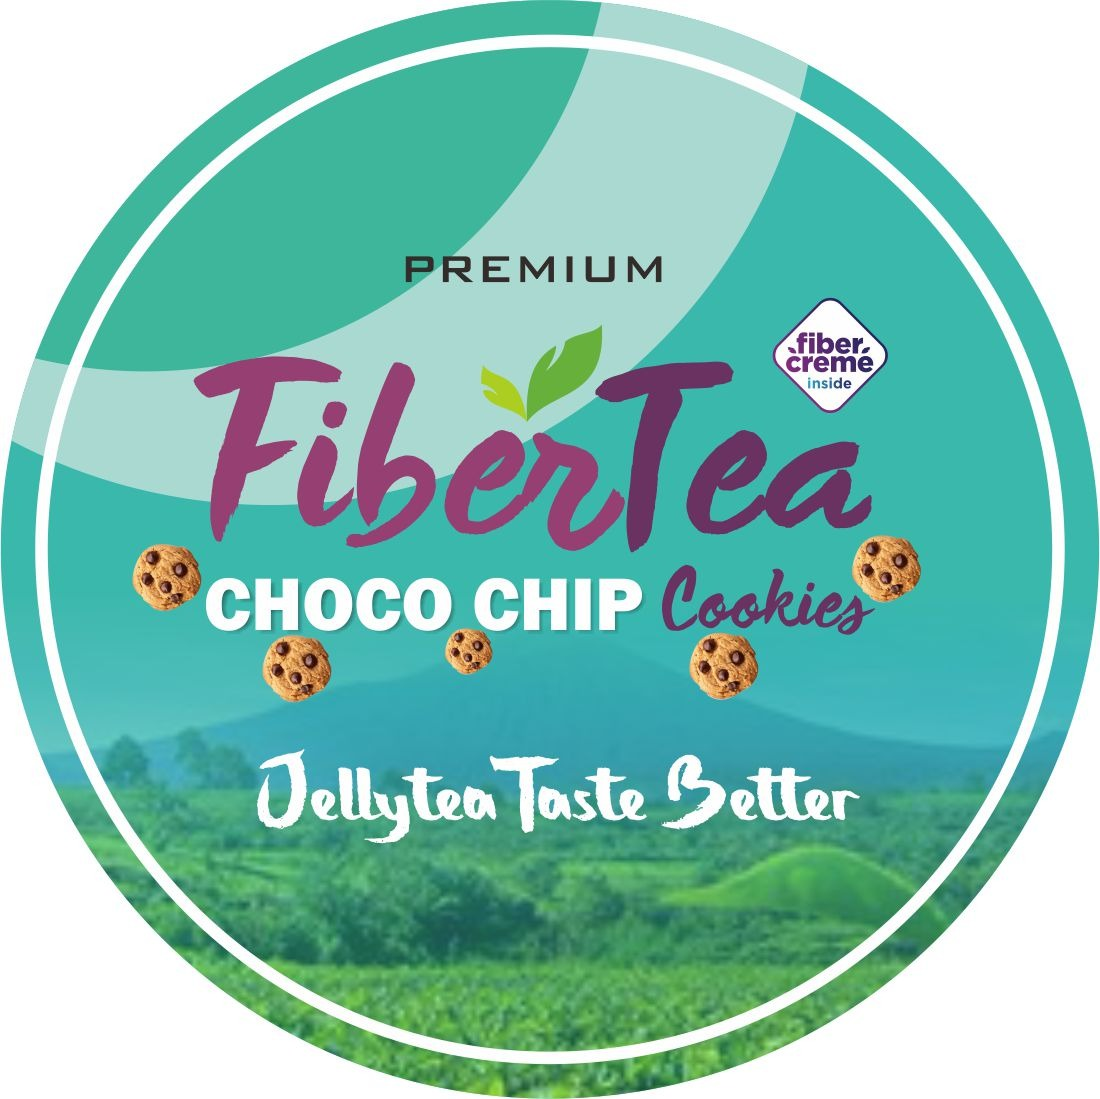 fibertea-fibercreme-inside